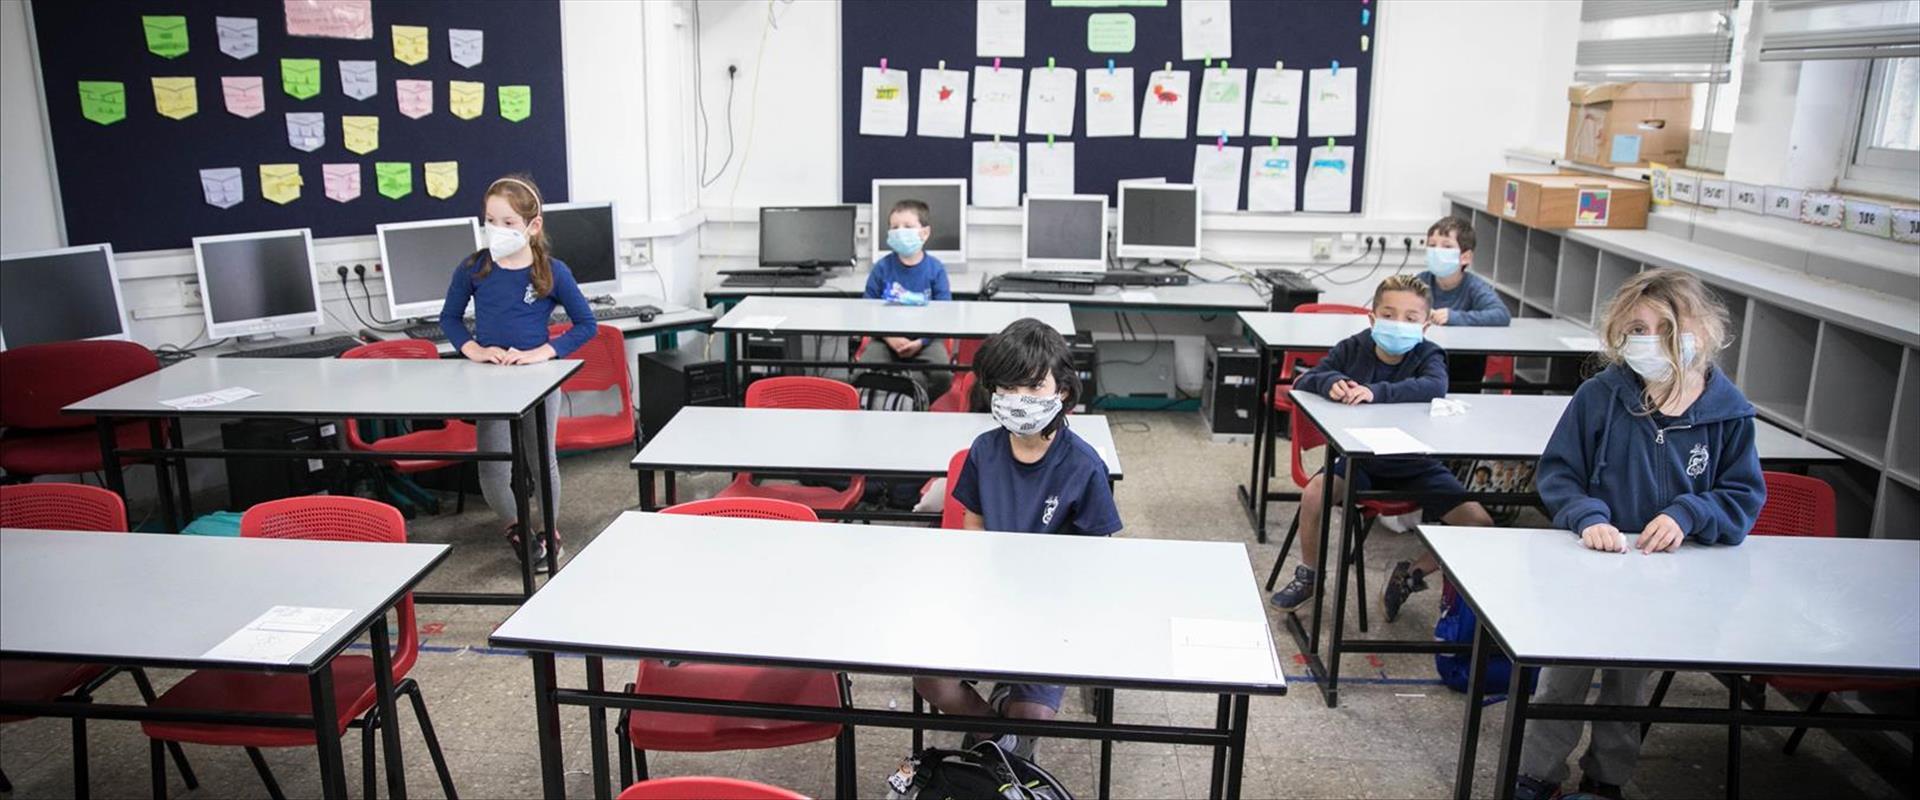 בית ספר בירושלים, 03.05.20